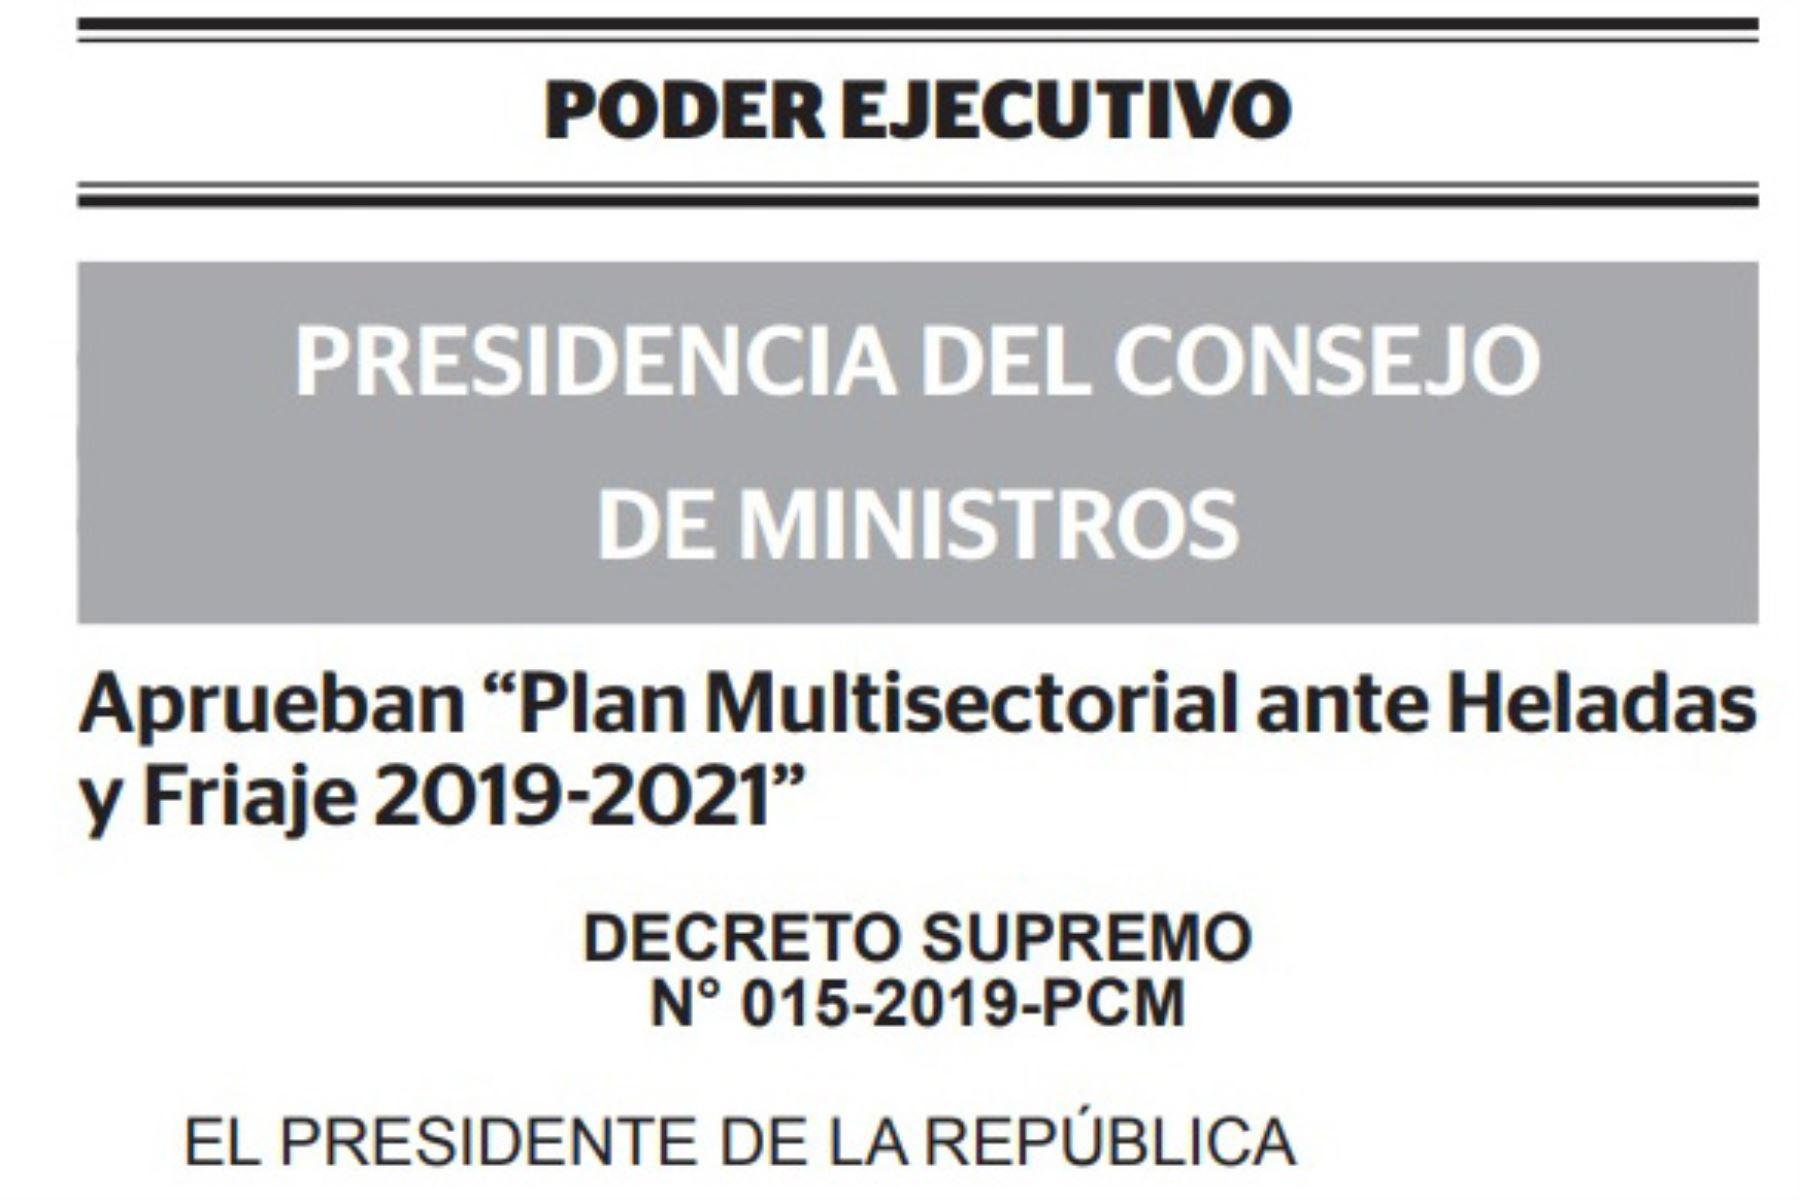 El Ejecutivo aprobó el Plan Multisectorial ante Heladas y Friaje 2019-2021, para la articulación multisectorial de intervenciones del gobierno nacional en los centros poblados y distritos focalizados ante heladas y friaje.